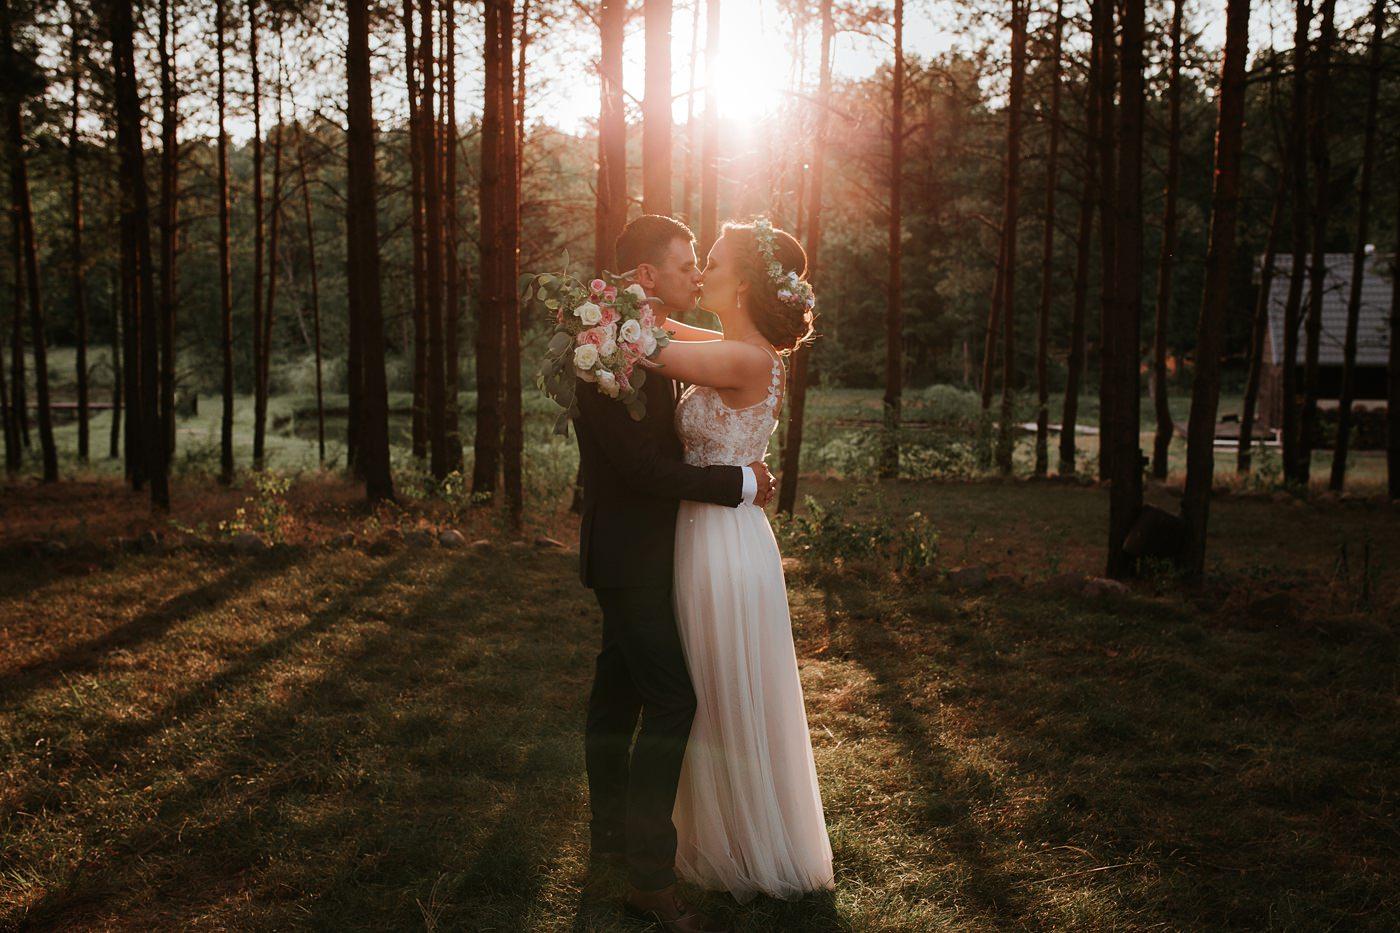 Anna & Wojtek - Ślub cywilny w plenerze - Barnówko w Sam Las 83